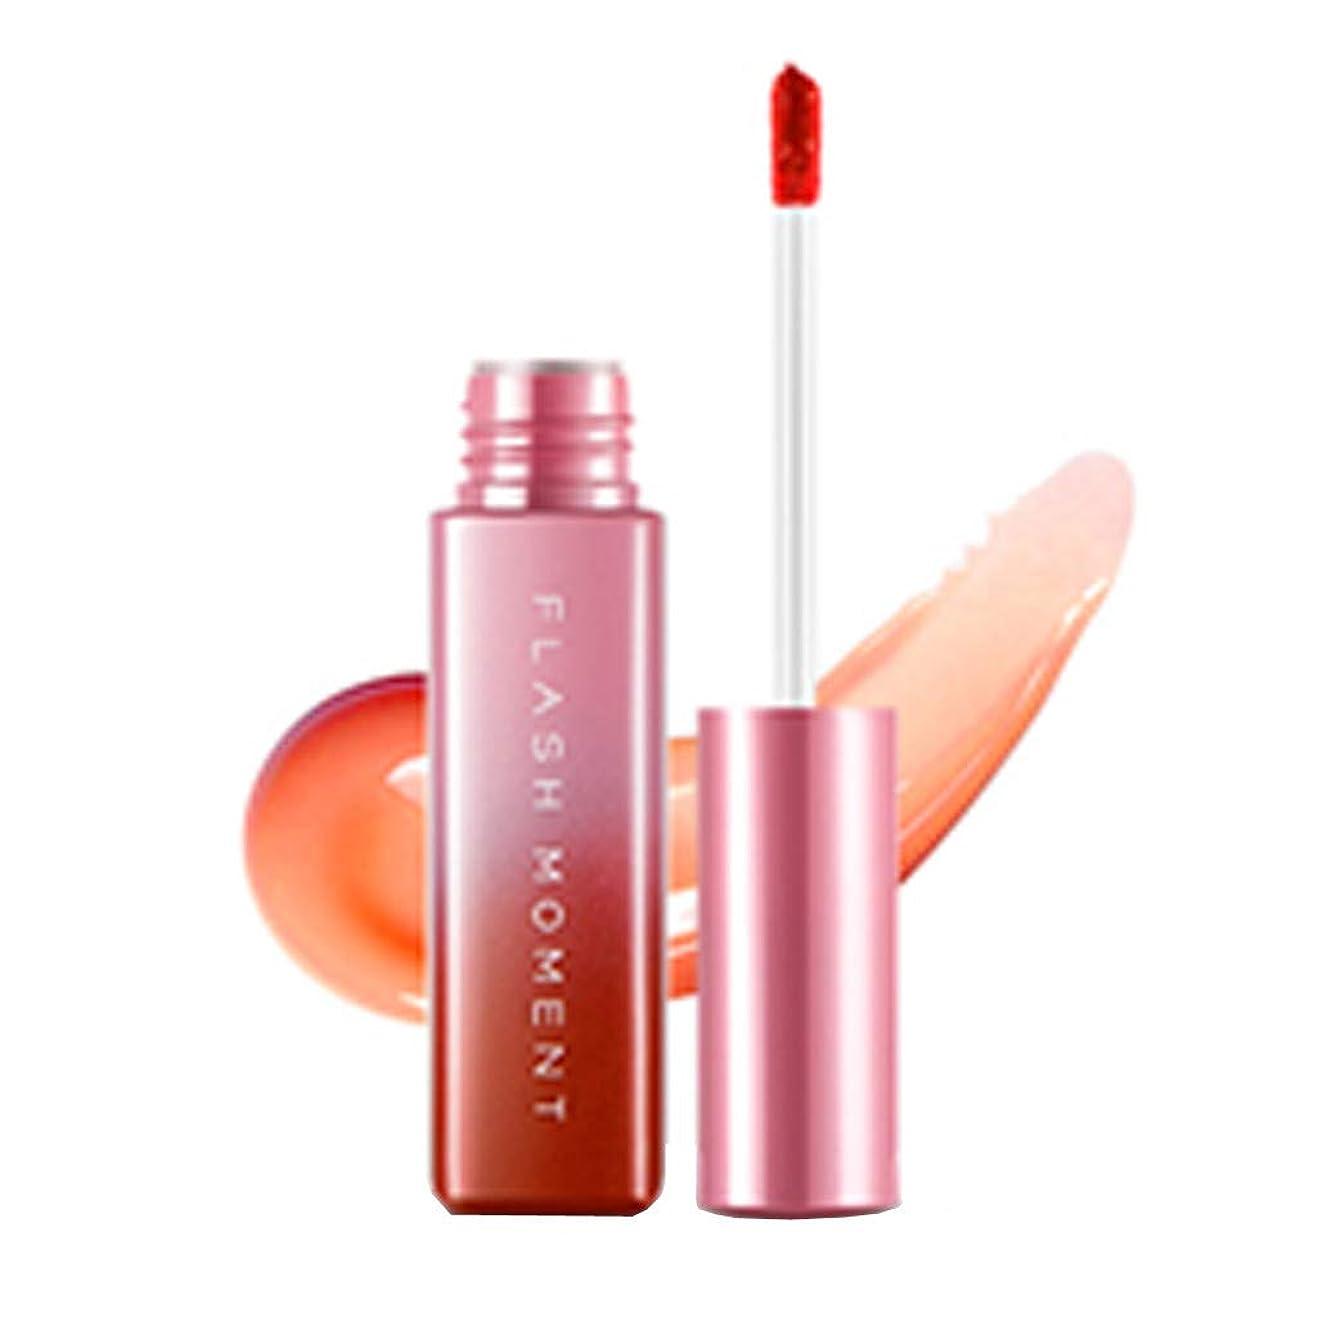 専制バング噴水口紅 リップグレーズ ミラー 3D リップクリーム セクシー 液体 リップスティック リキッド 唇 光沢 長続き リップバーム 24時間防水 唇に塗っっていつもよりセクシー魅力を与えるルージュhuajuan (A)